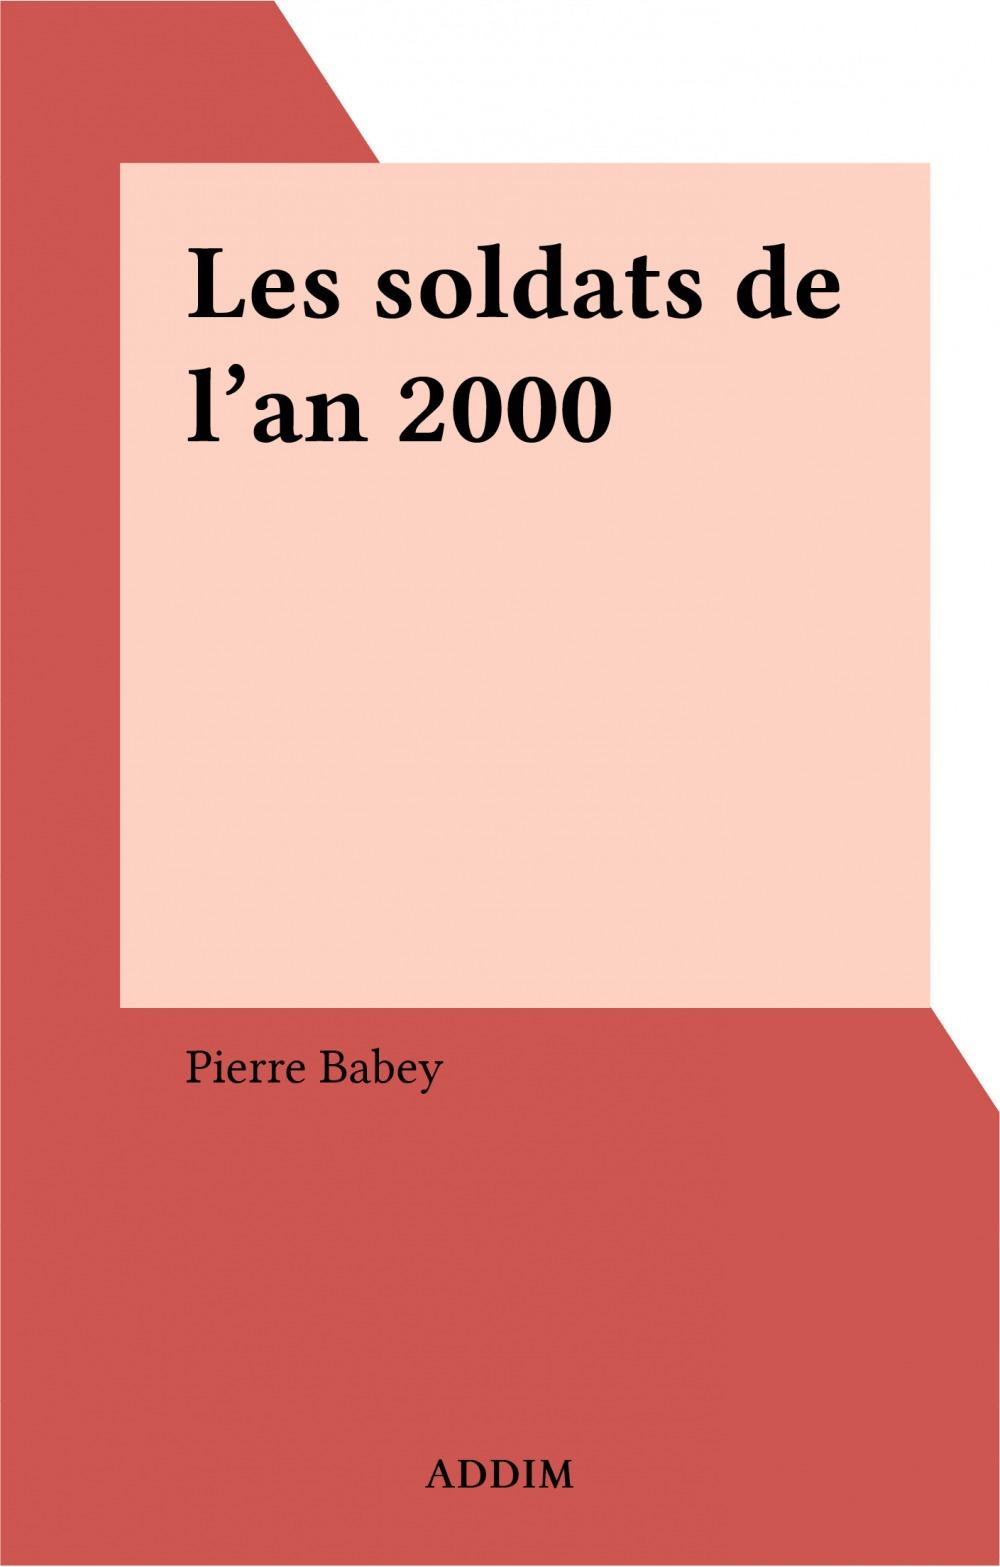 Les soldats de l'an 2000